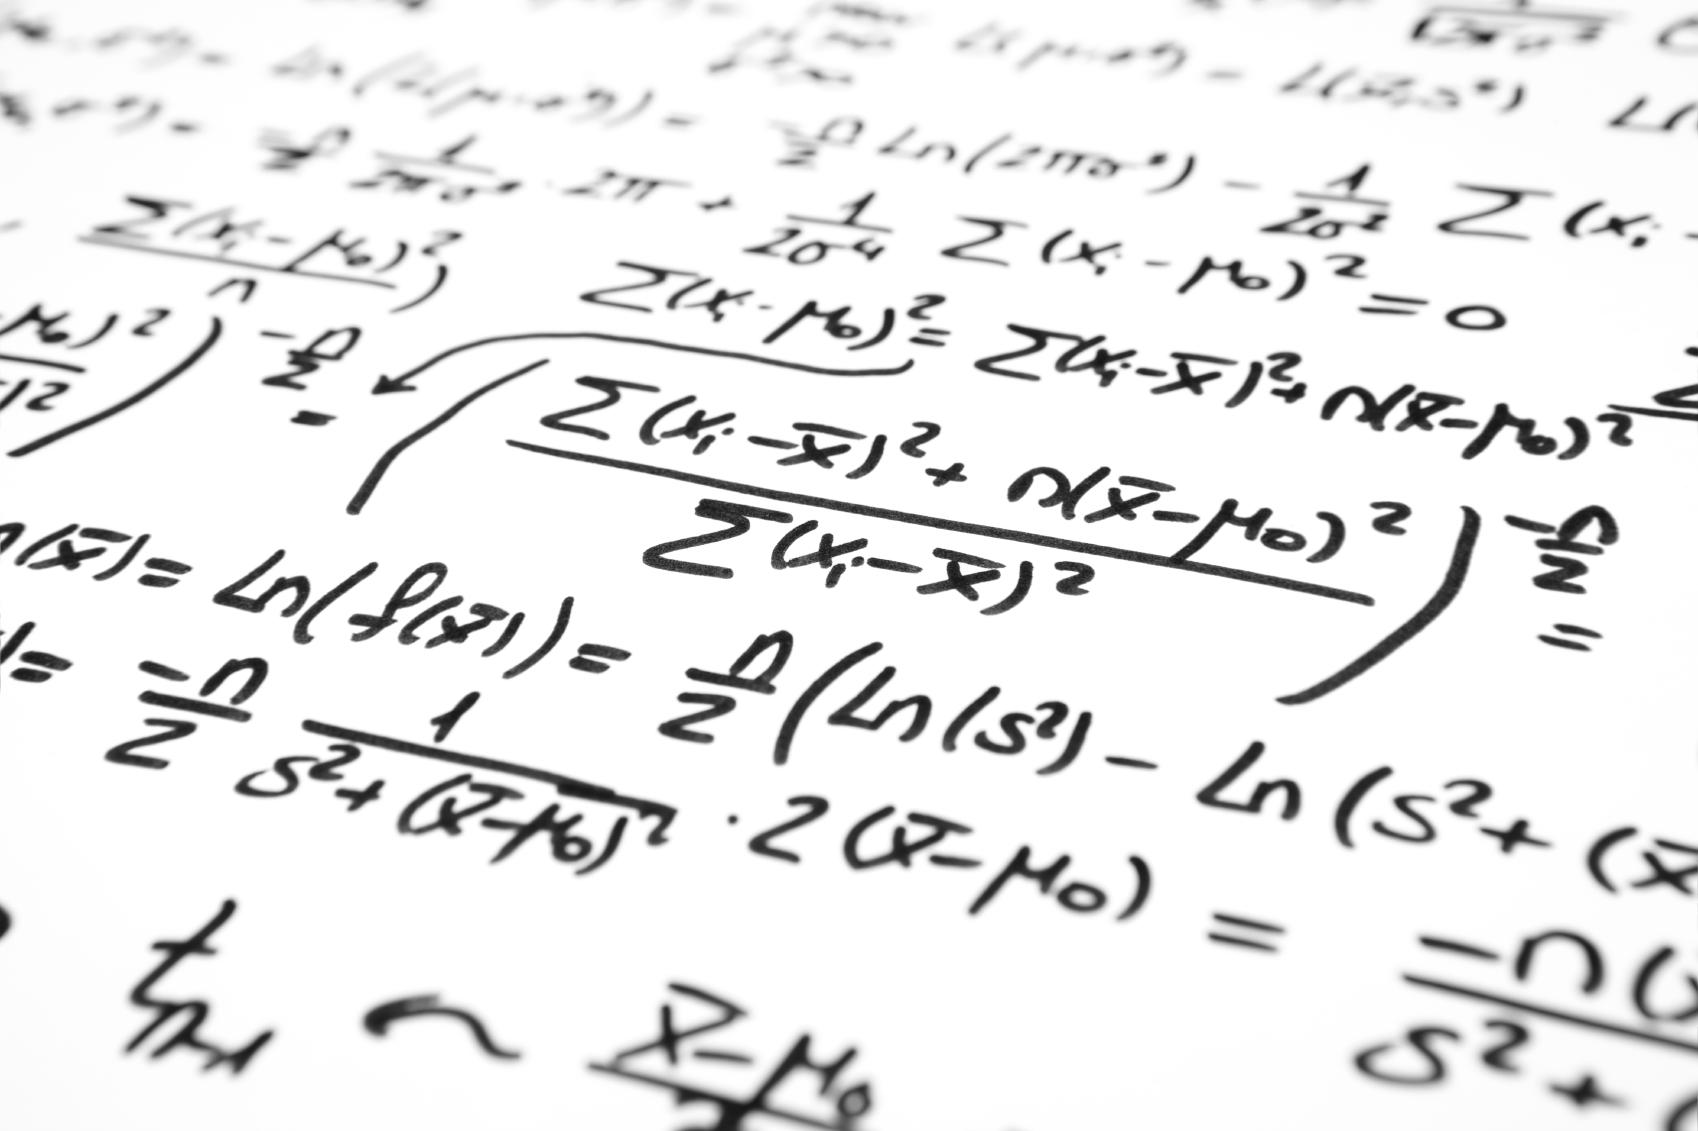 راهکاری شگفتانگیز برای حفظ  فرمولها/ تاثیر شگفتانگیز تغییر فضای مطالعه